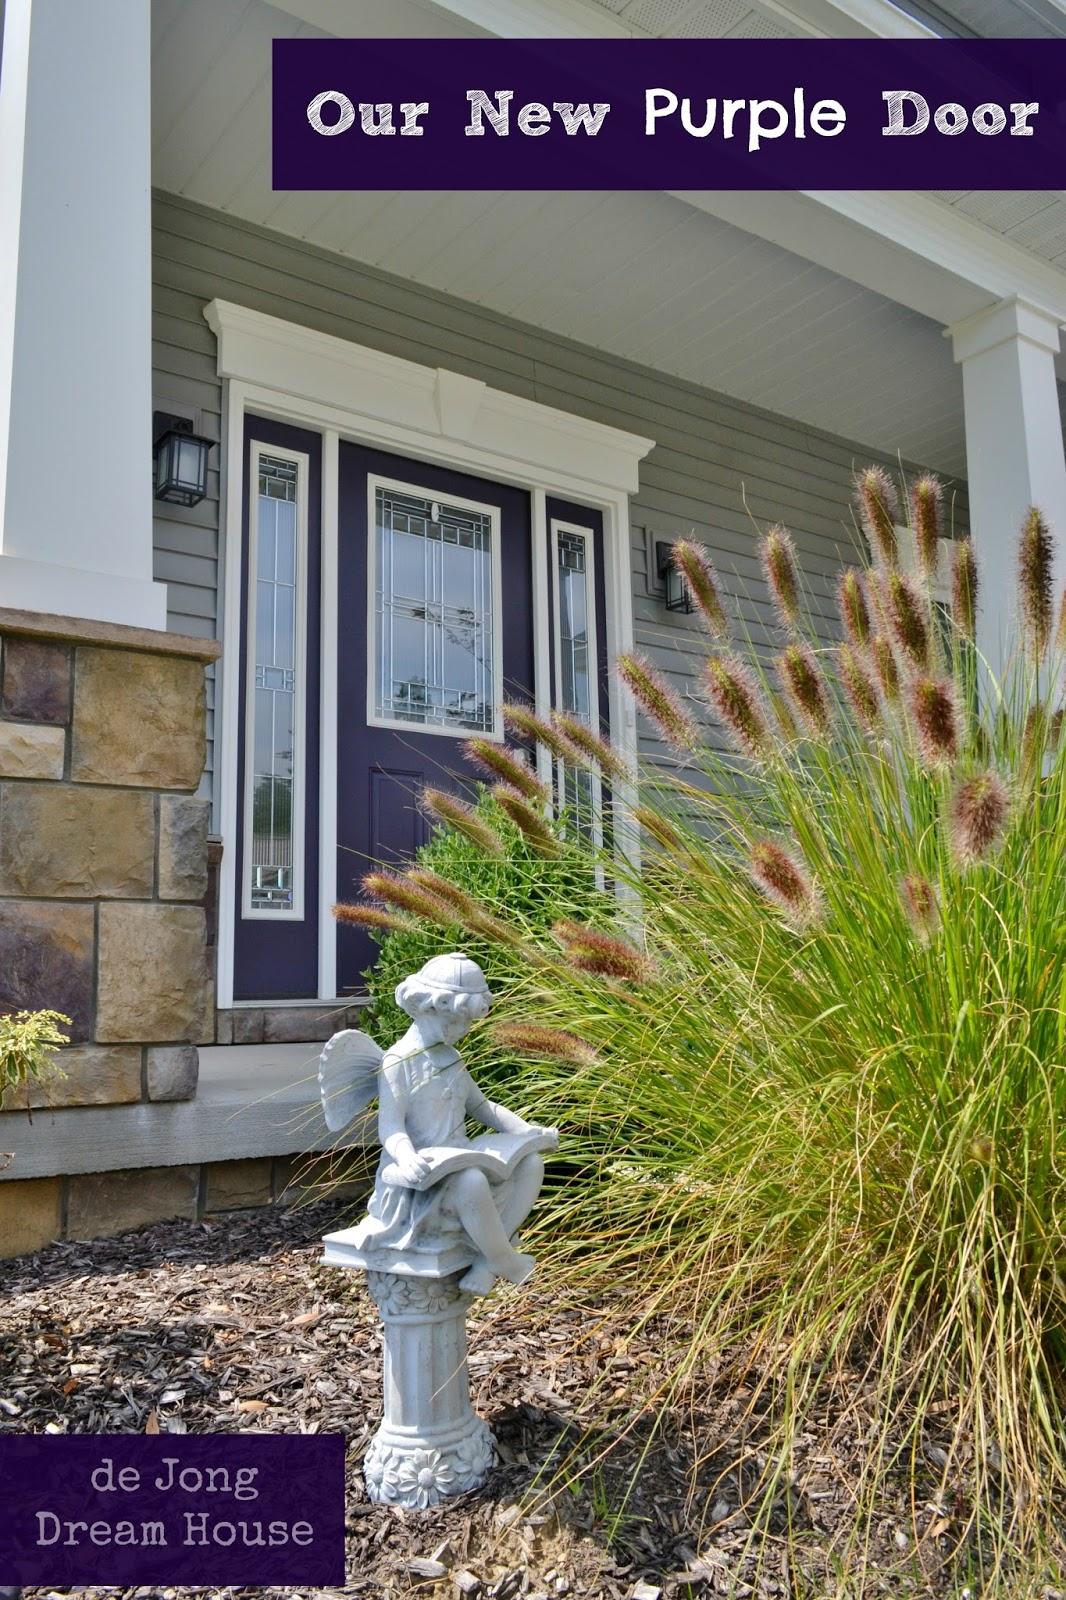 De Jong Dream House Our Purple Door